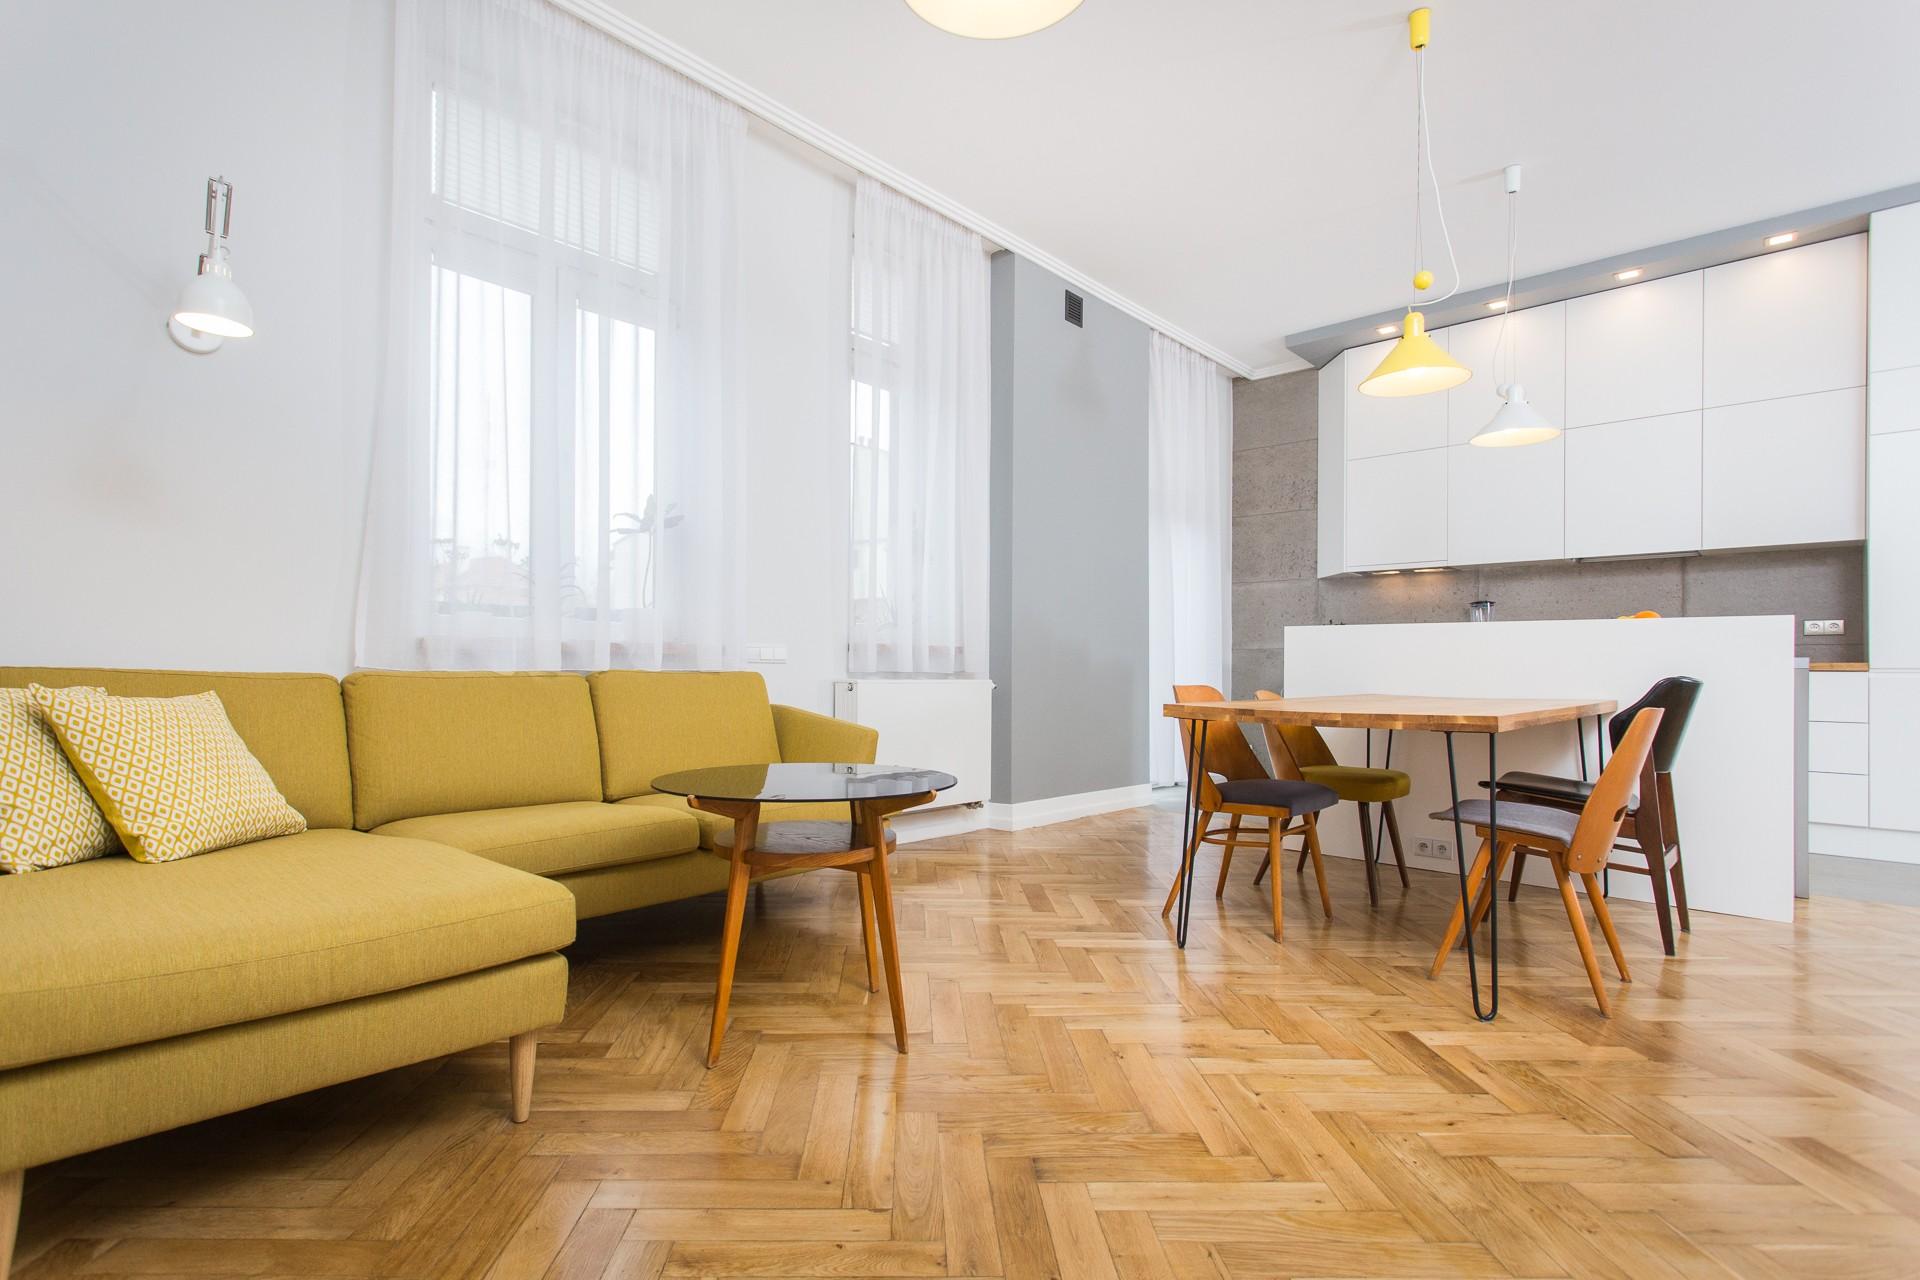 Biuro Architektoniczne Kraków